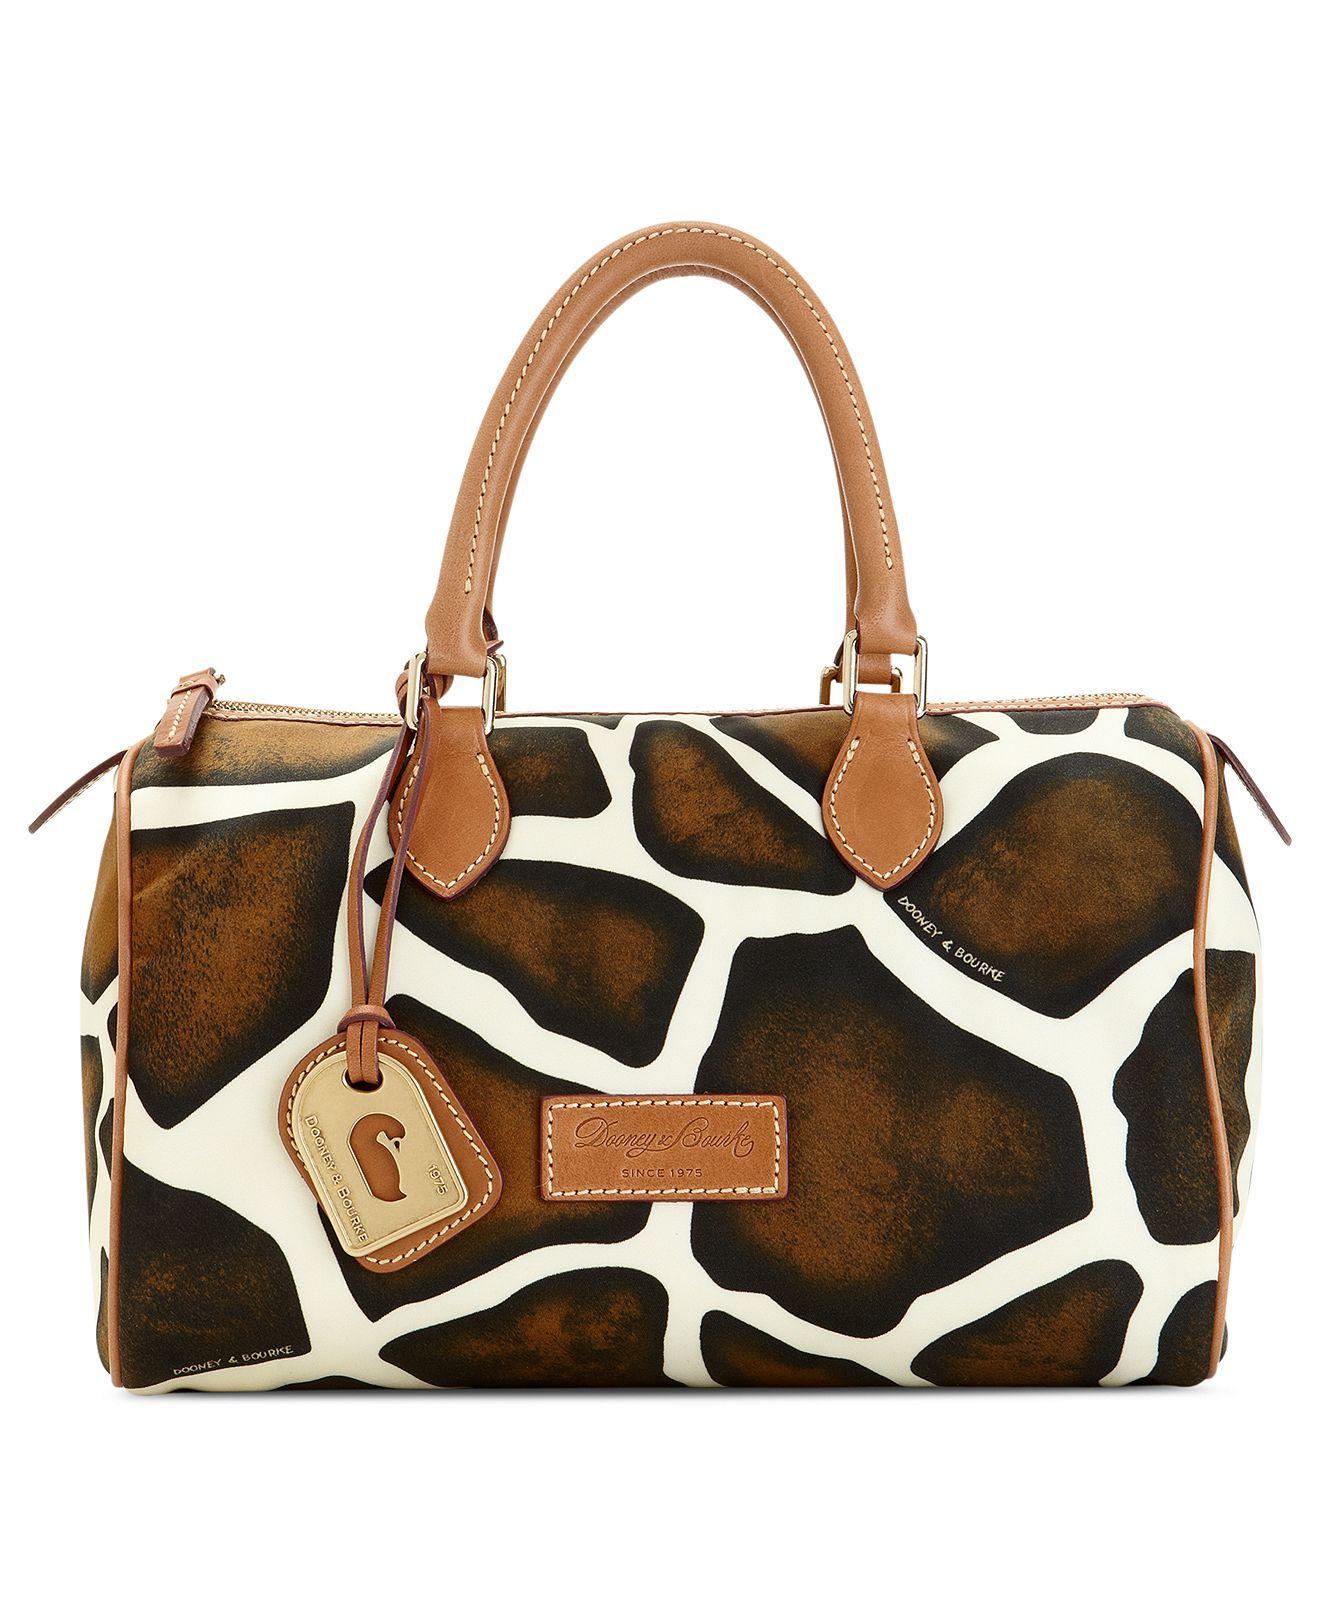 de191f1fdb7e Dooney   Bourke Handbag